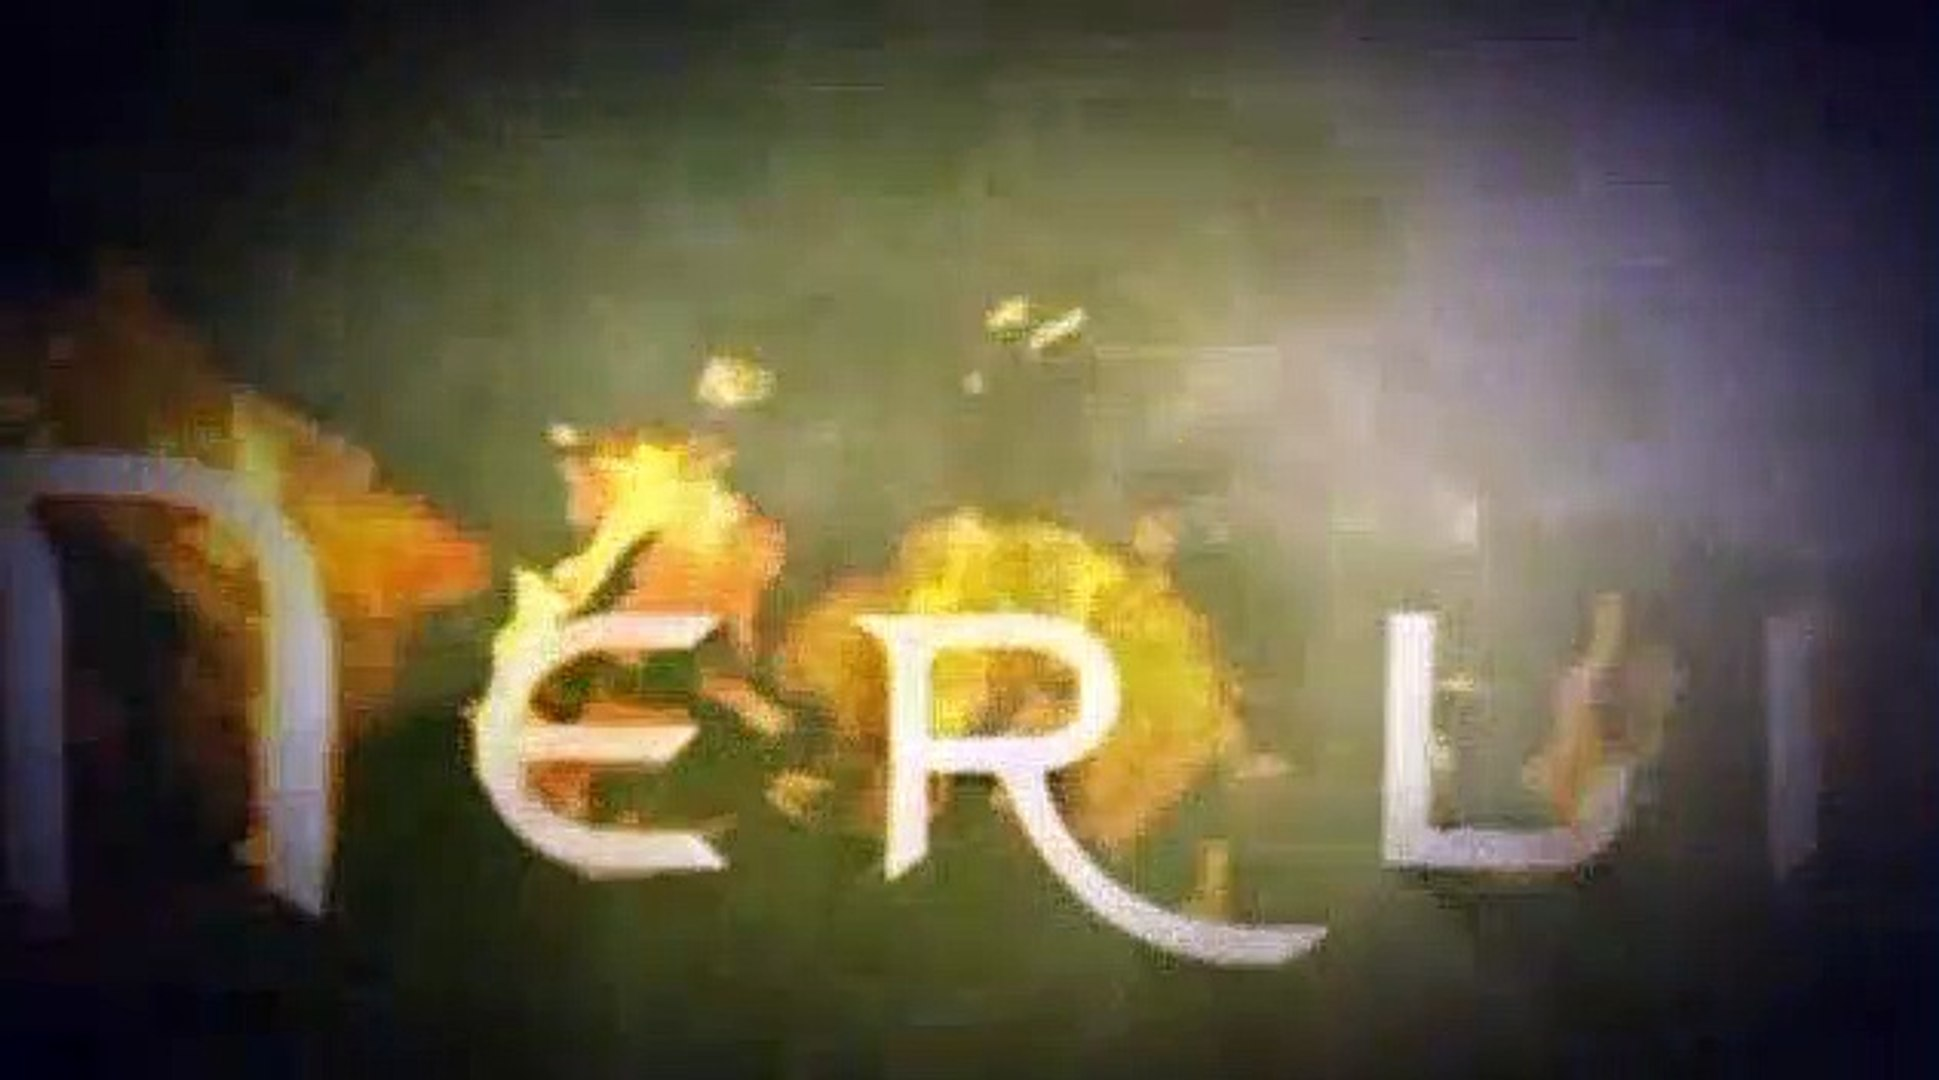 Merlin S01E07